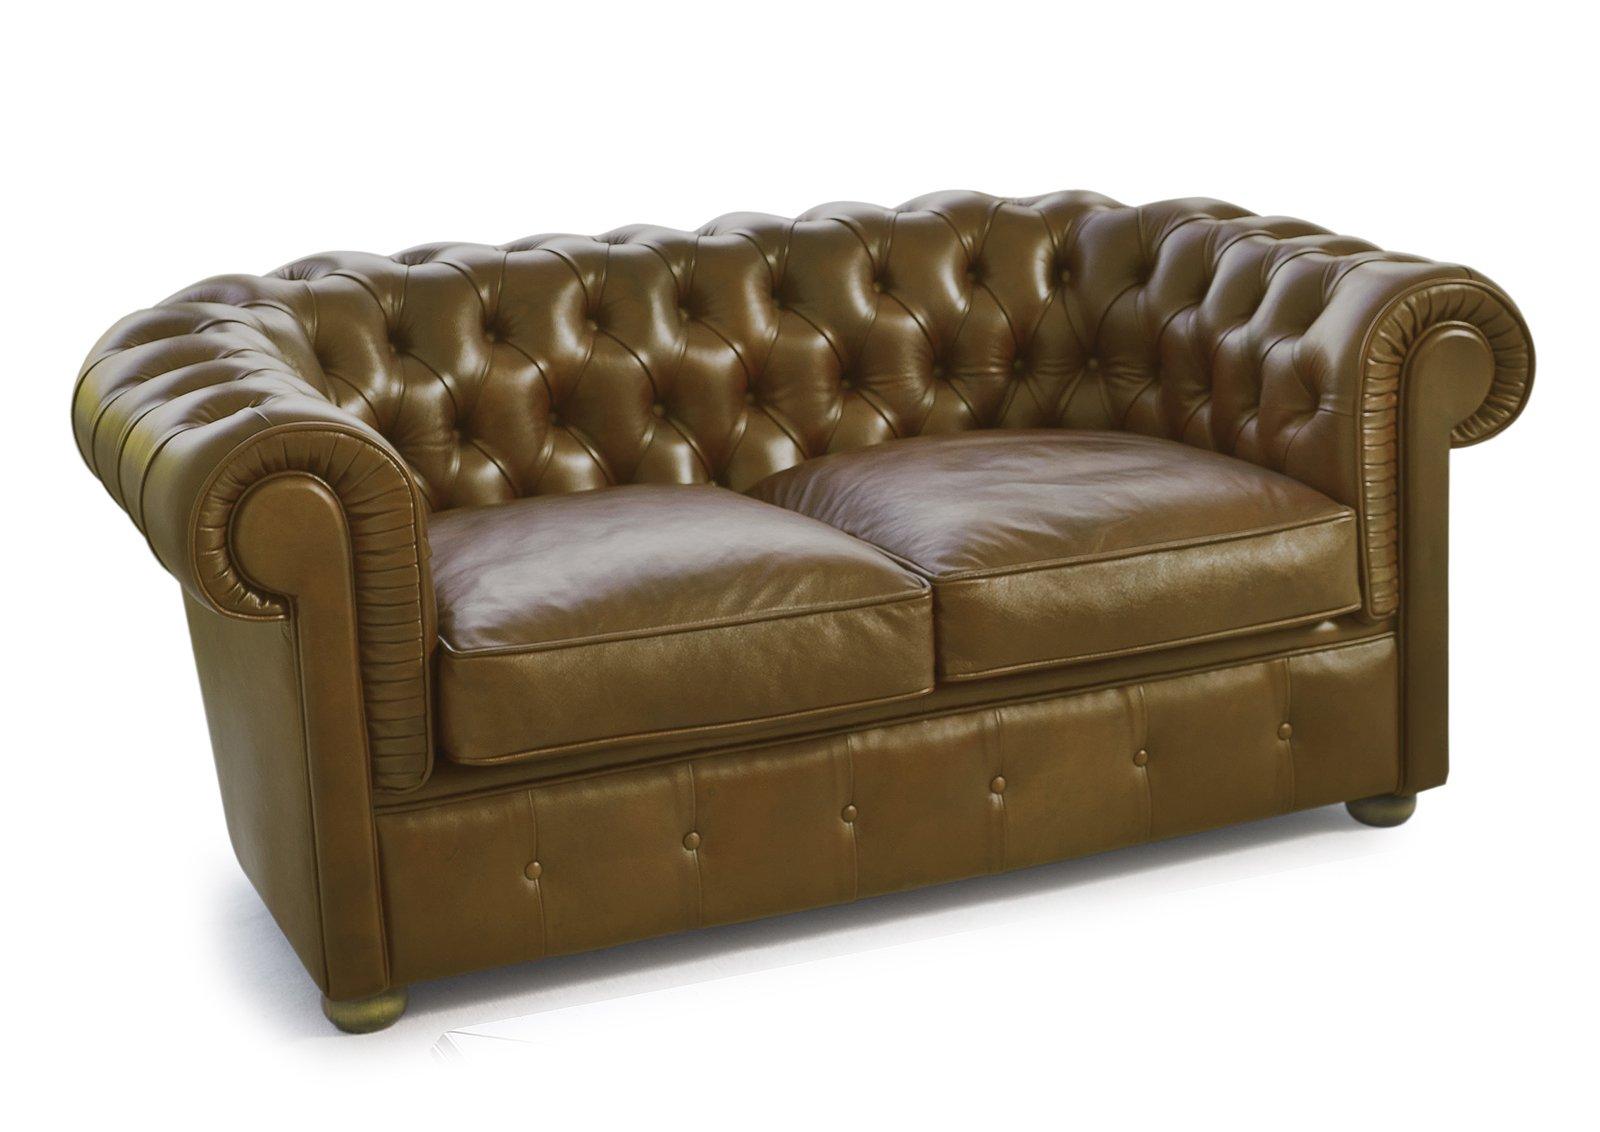 divani in pelle - cose di casa - Divano In Pelle Nera Letto